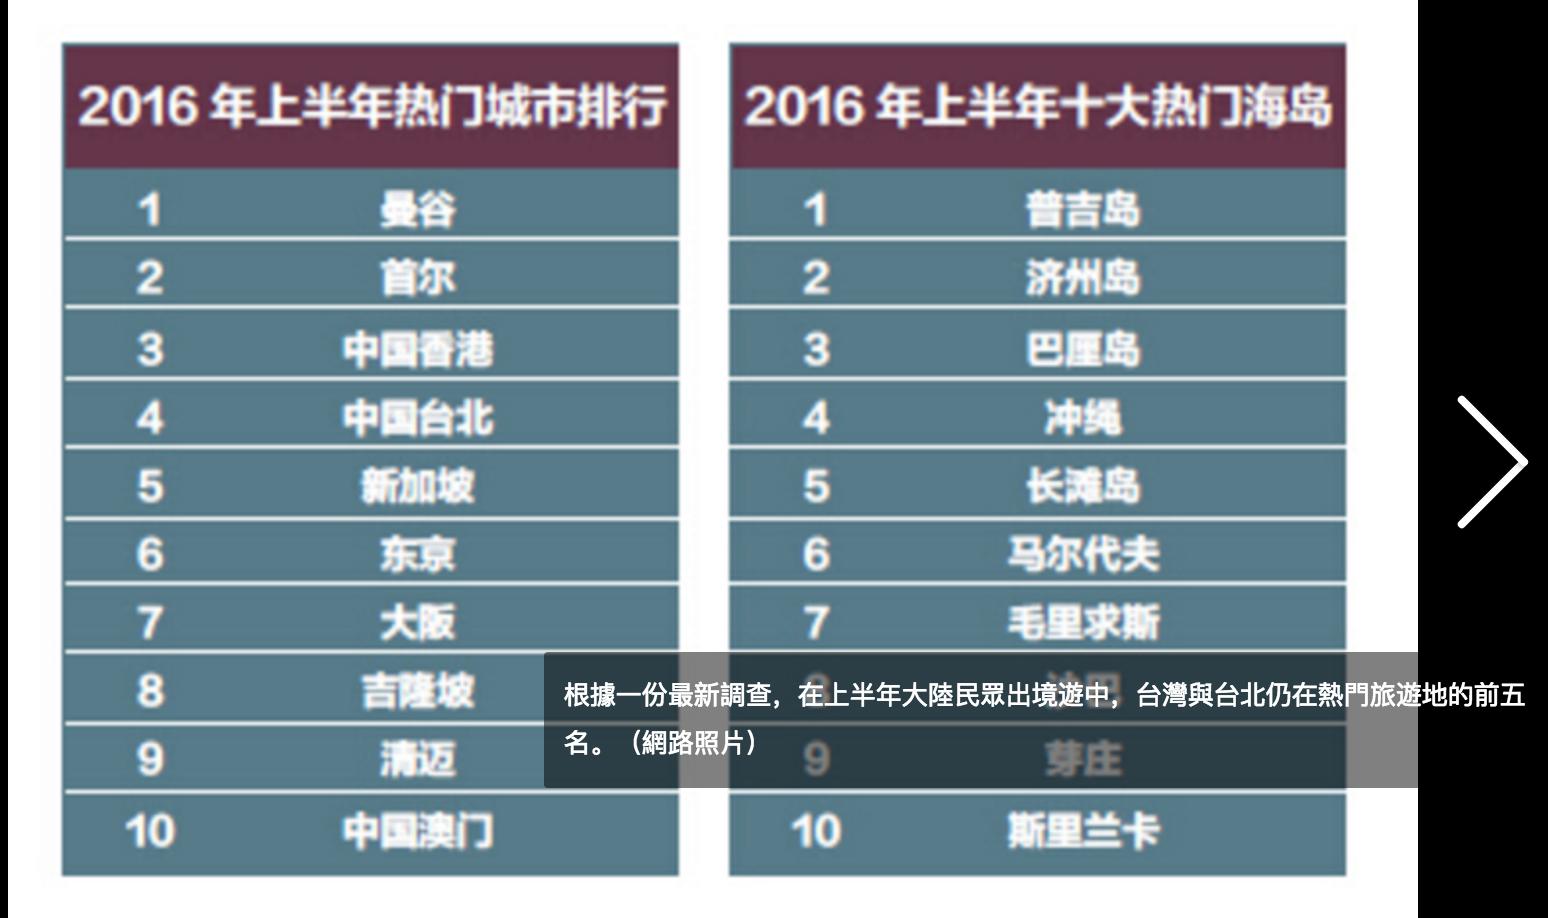 [新聞] 台北排名大陸出國旅遊第四大城市 領先新加坡與東京